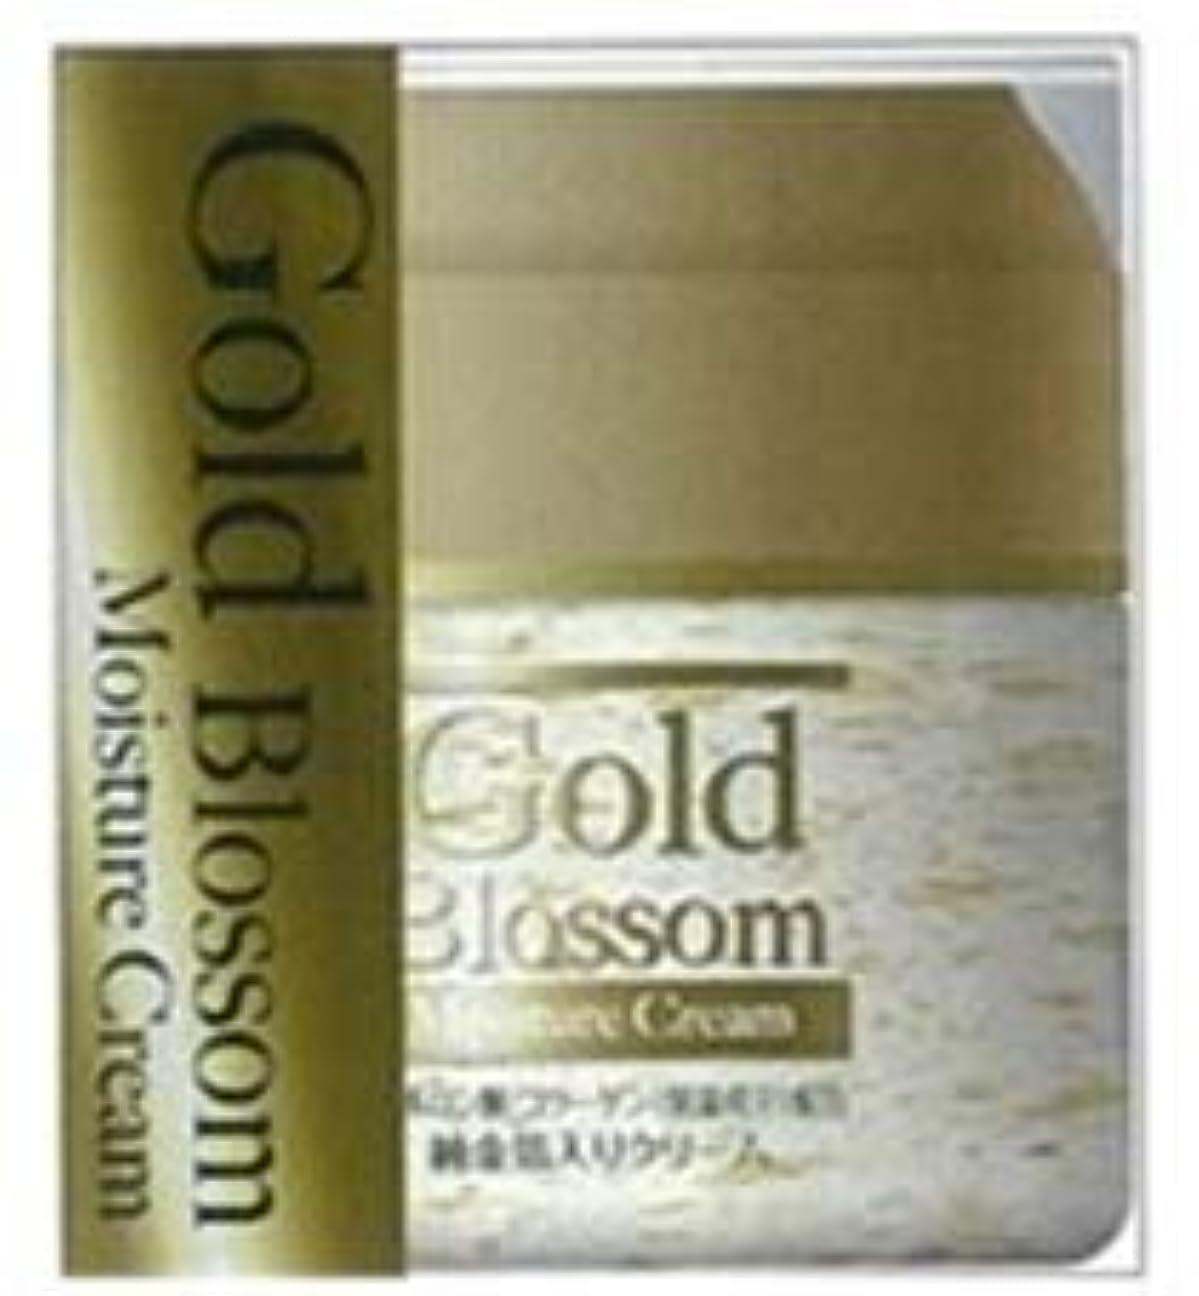 春リークのぞき見Gold Blossom 保湿クリーム